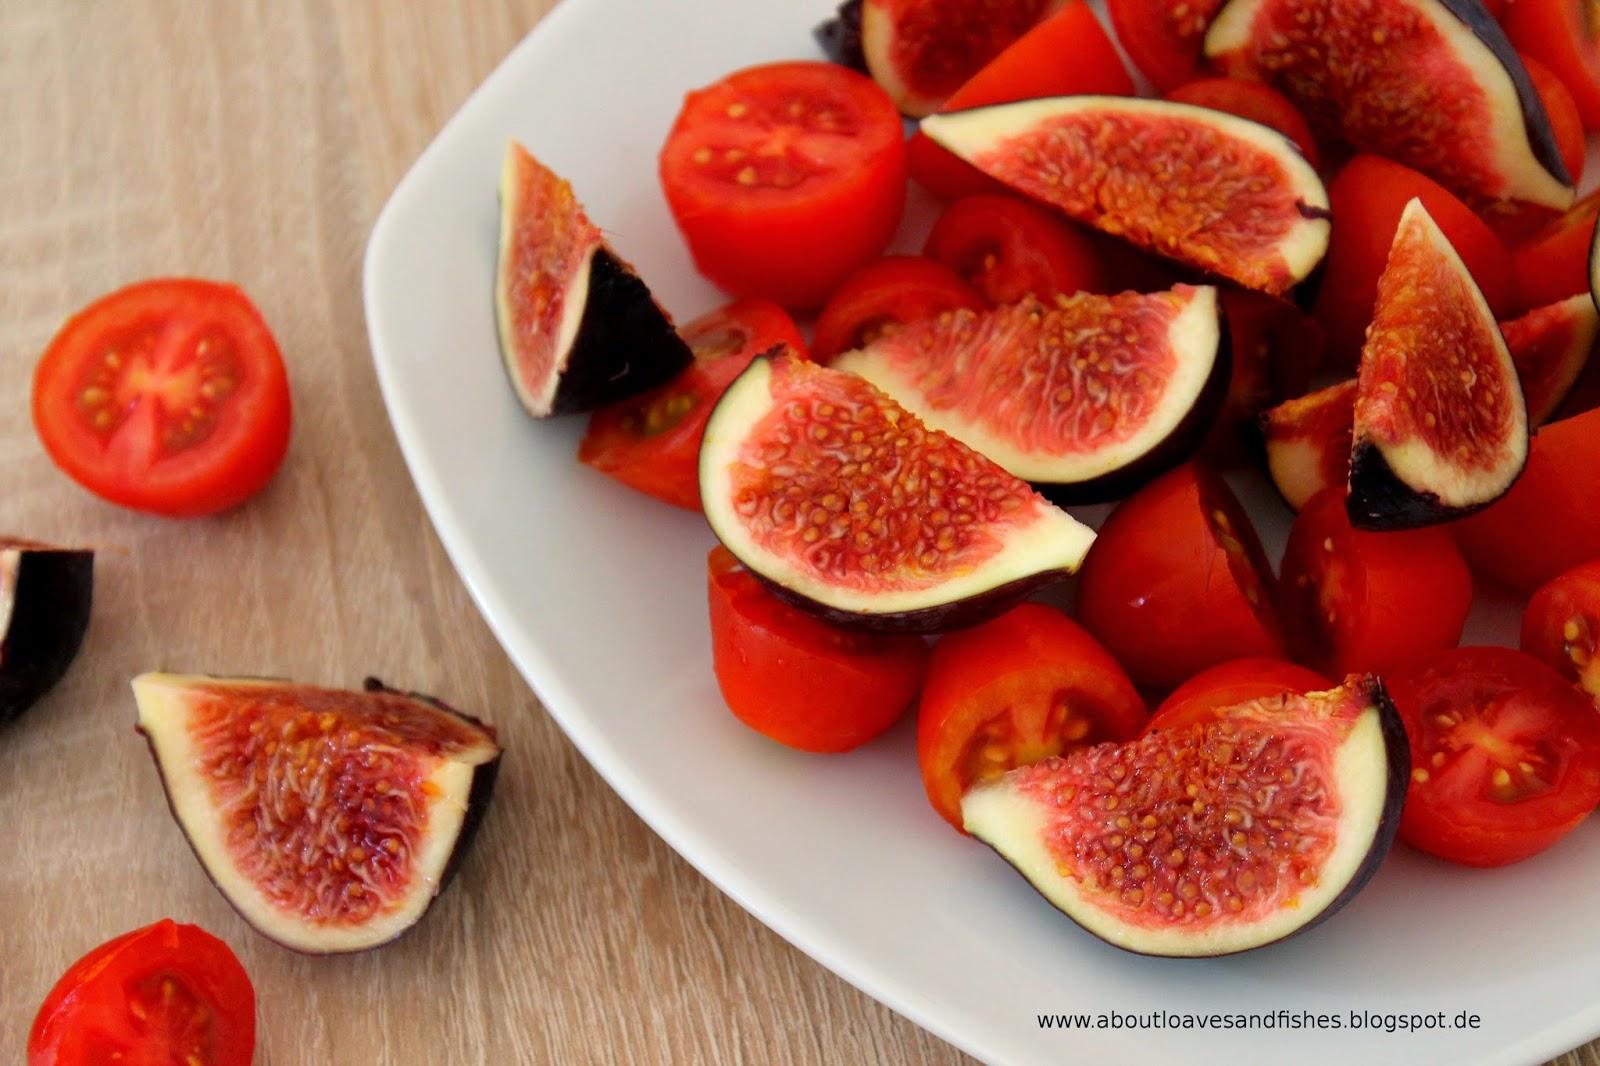 Salat aus Feigen und Tomaten